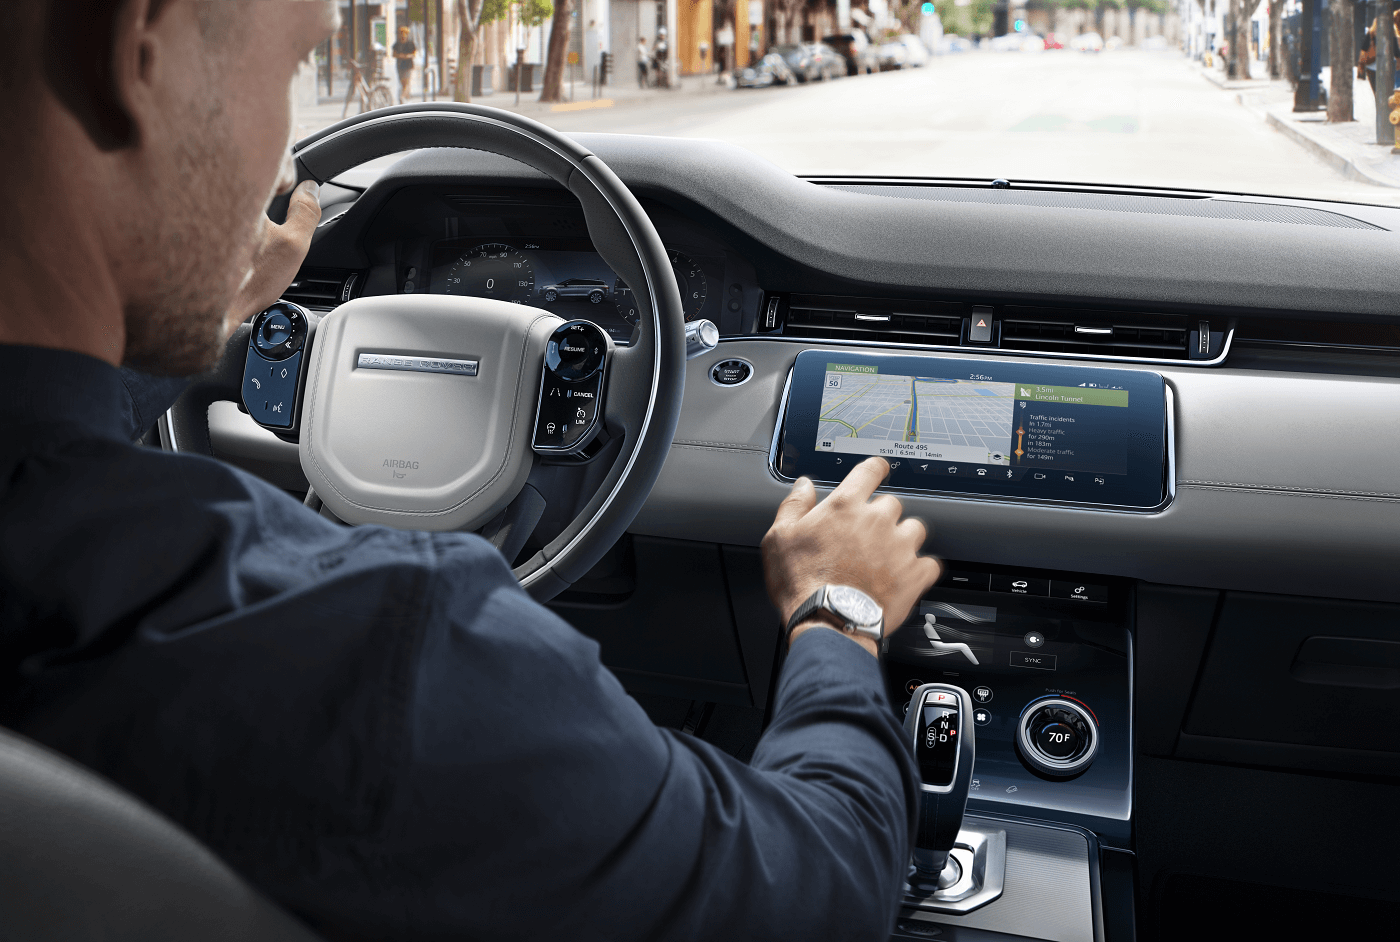 Range Rover Evoque Safety